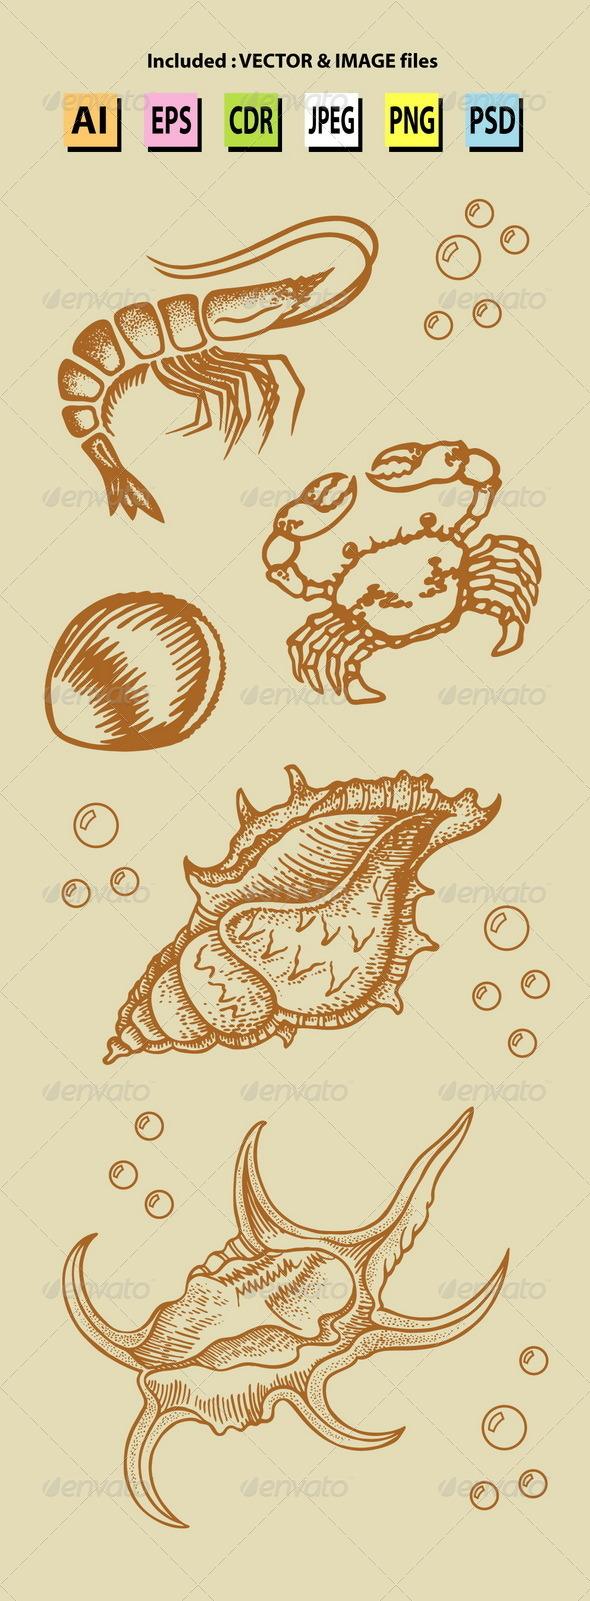 GraphicRiver Vintage Sea Lives Sketch 6513794